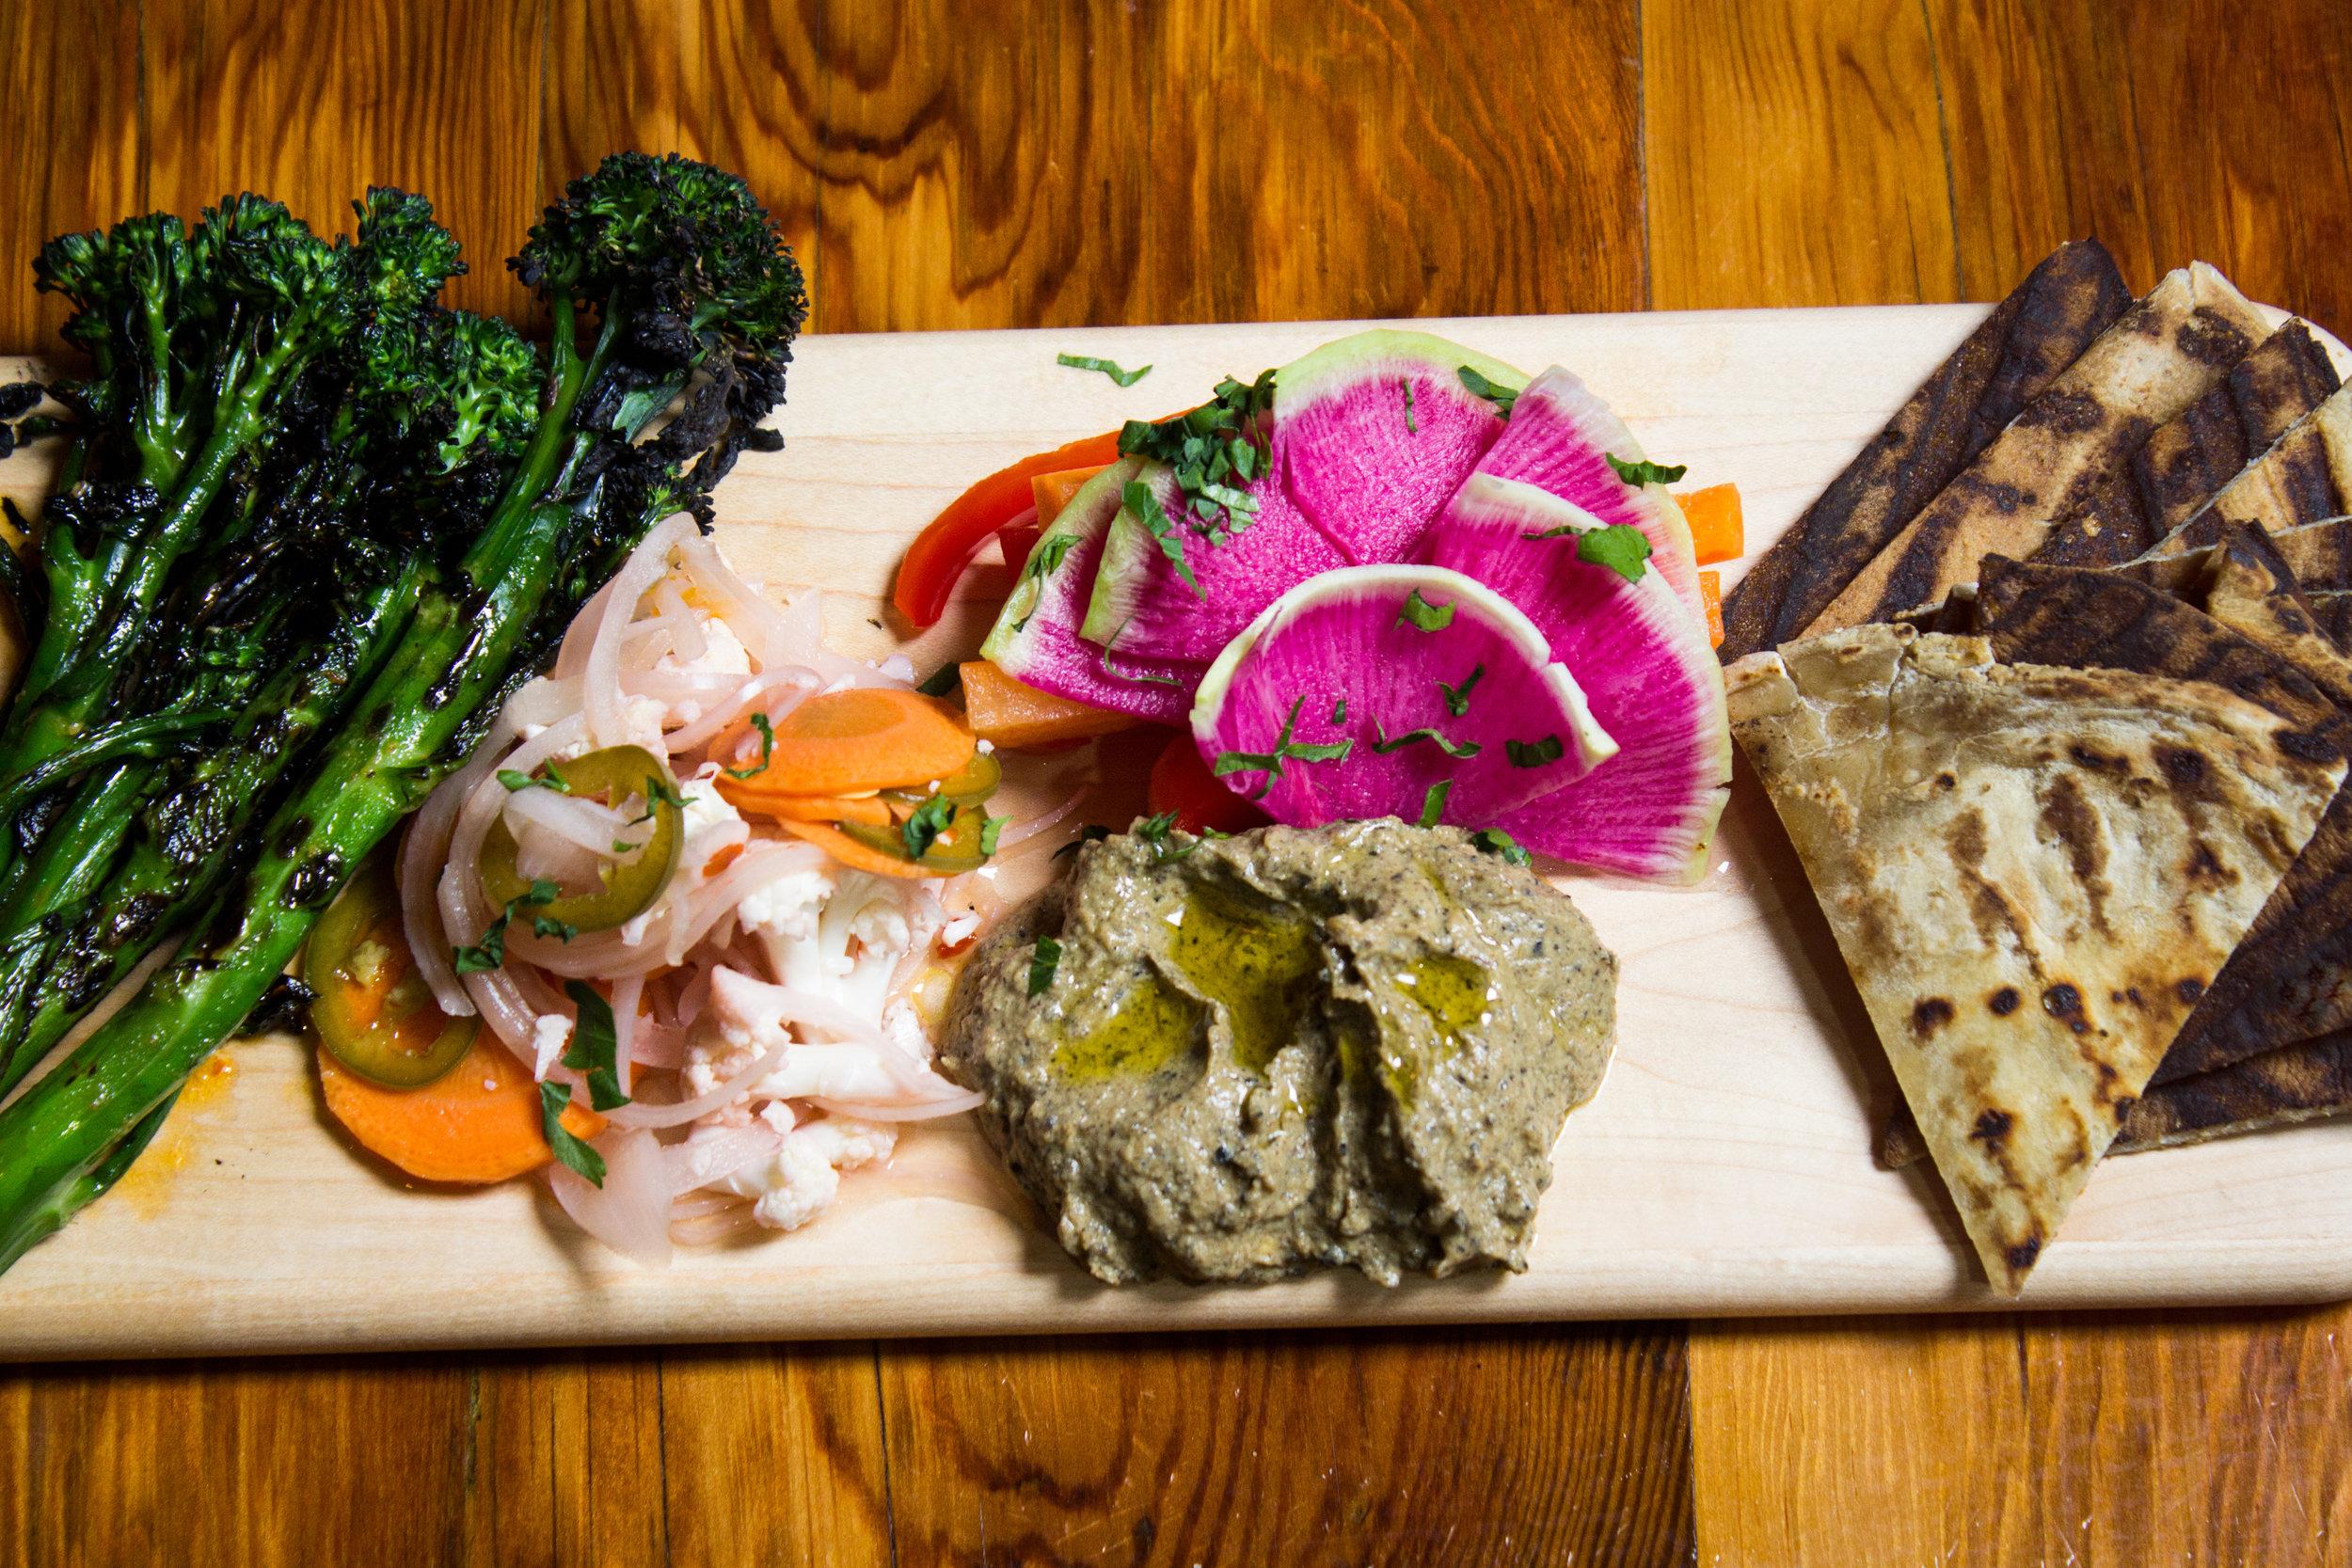 Veggie Board  grilled broccolini, lemon vinaigrette | pickled + fresh vegetables | baba ghanoush | flatbread